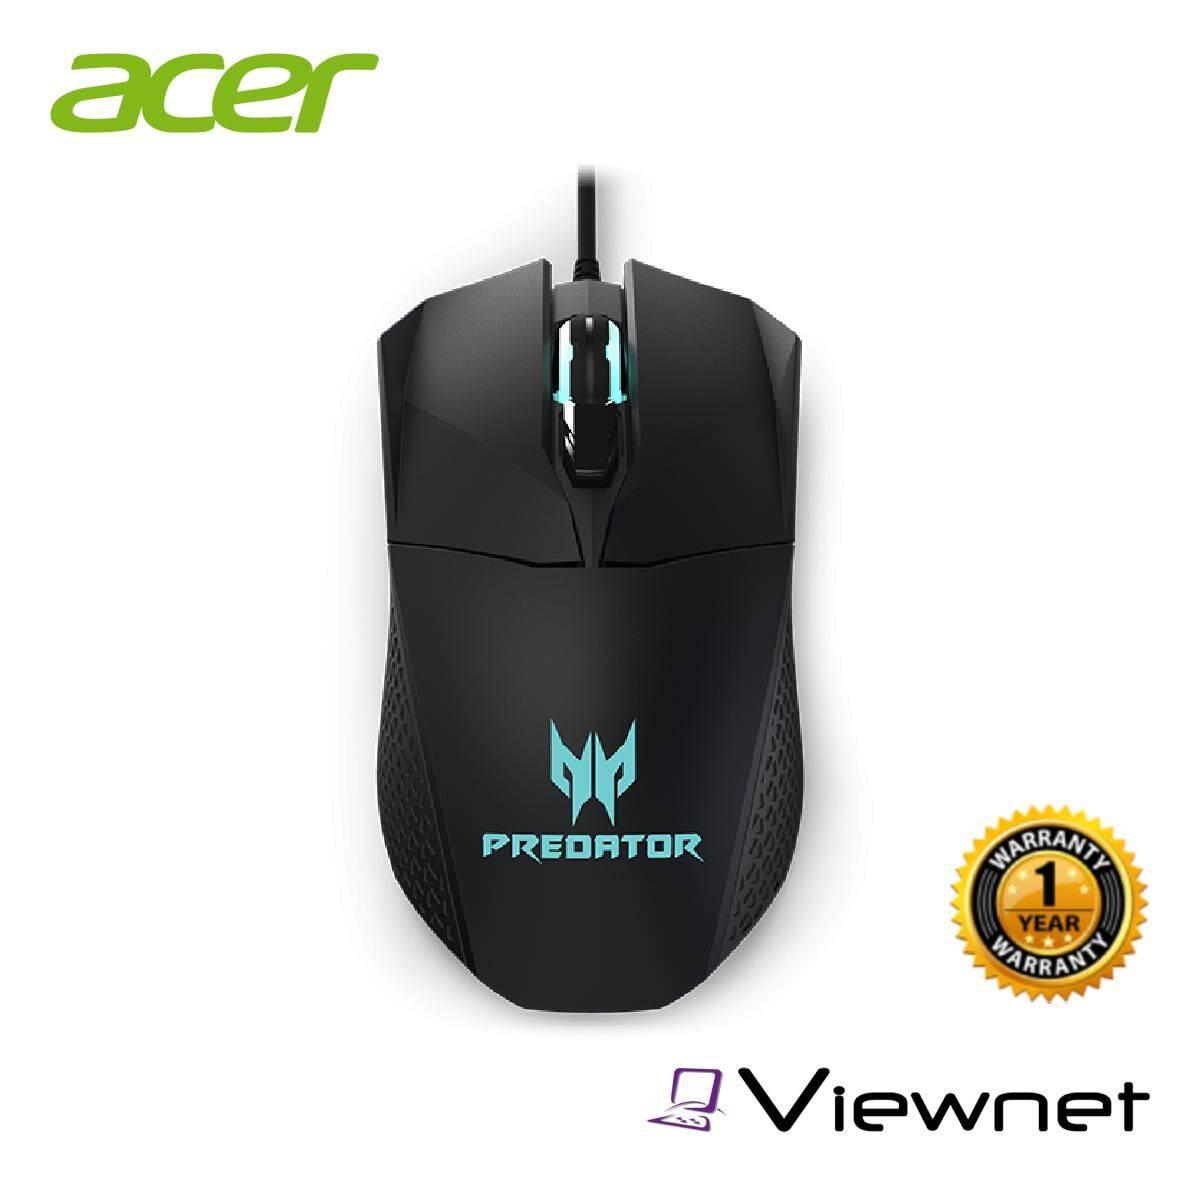 Acer Predator Cestus 300 RGB Gaming Mouse